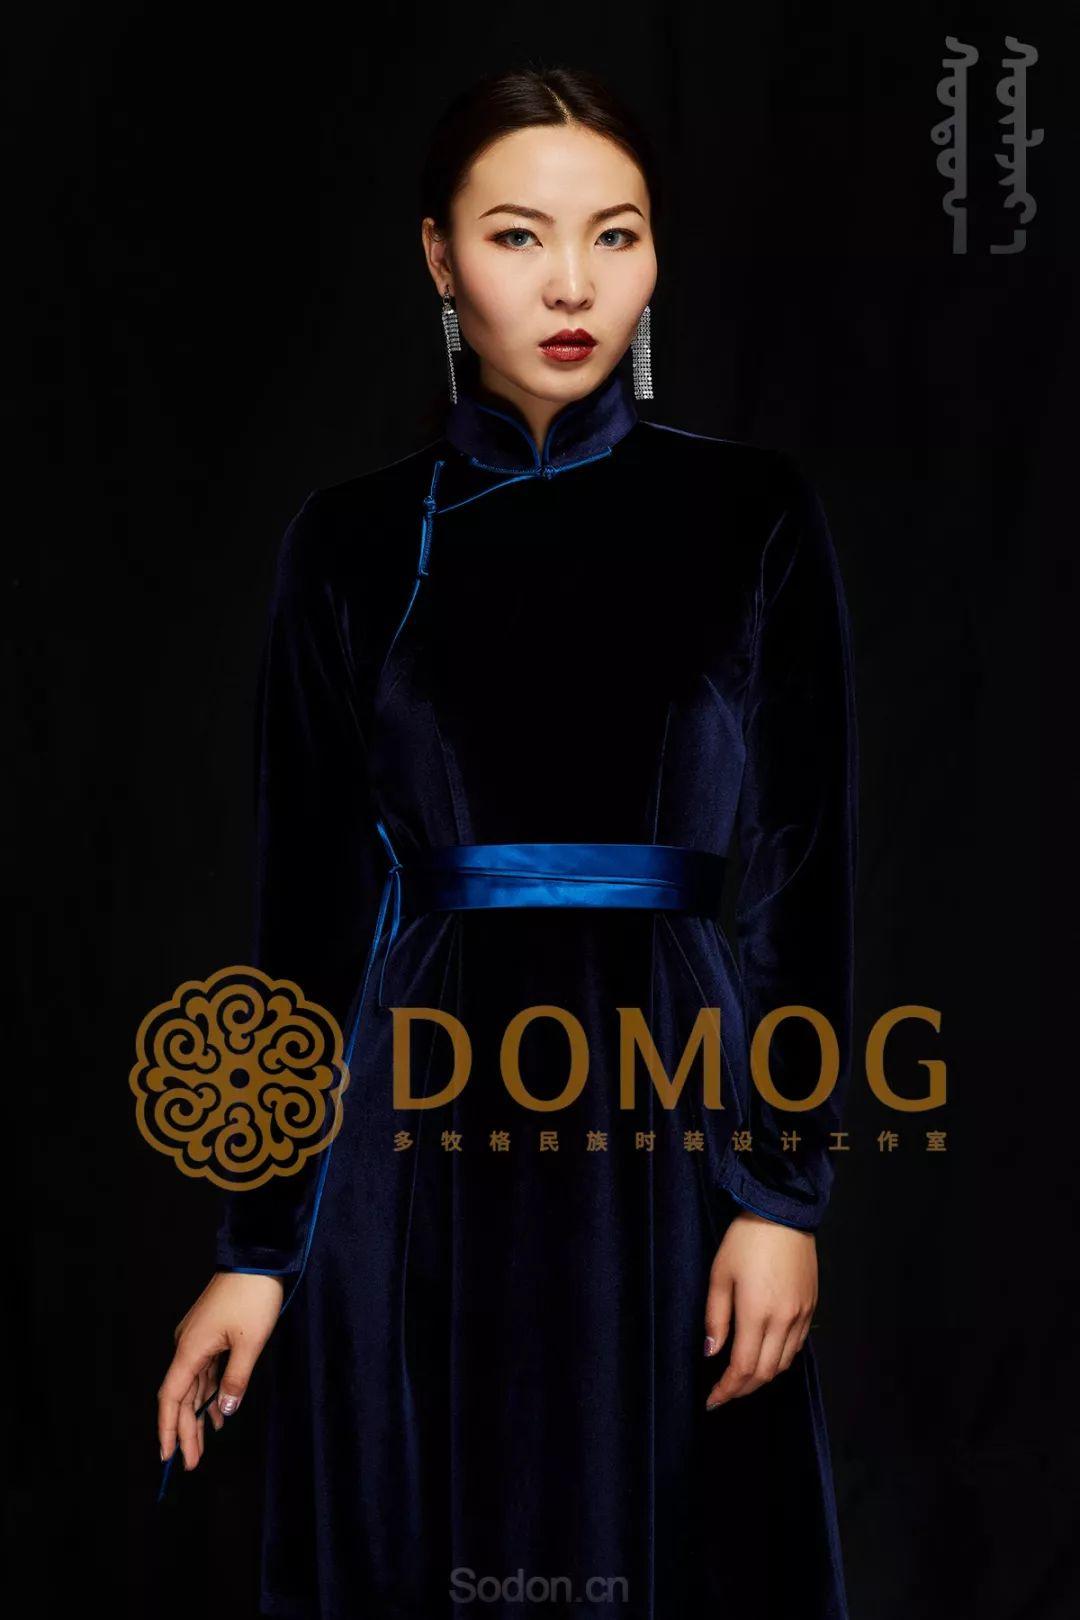 DOMOG蒙古时装绝美秋冬款系列,美出新高度! 第11张